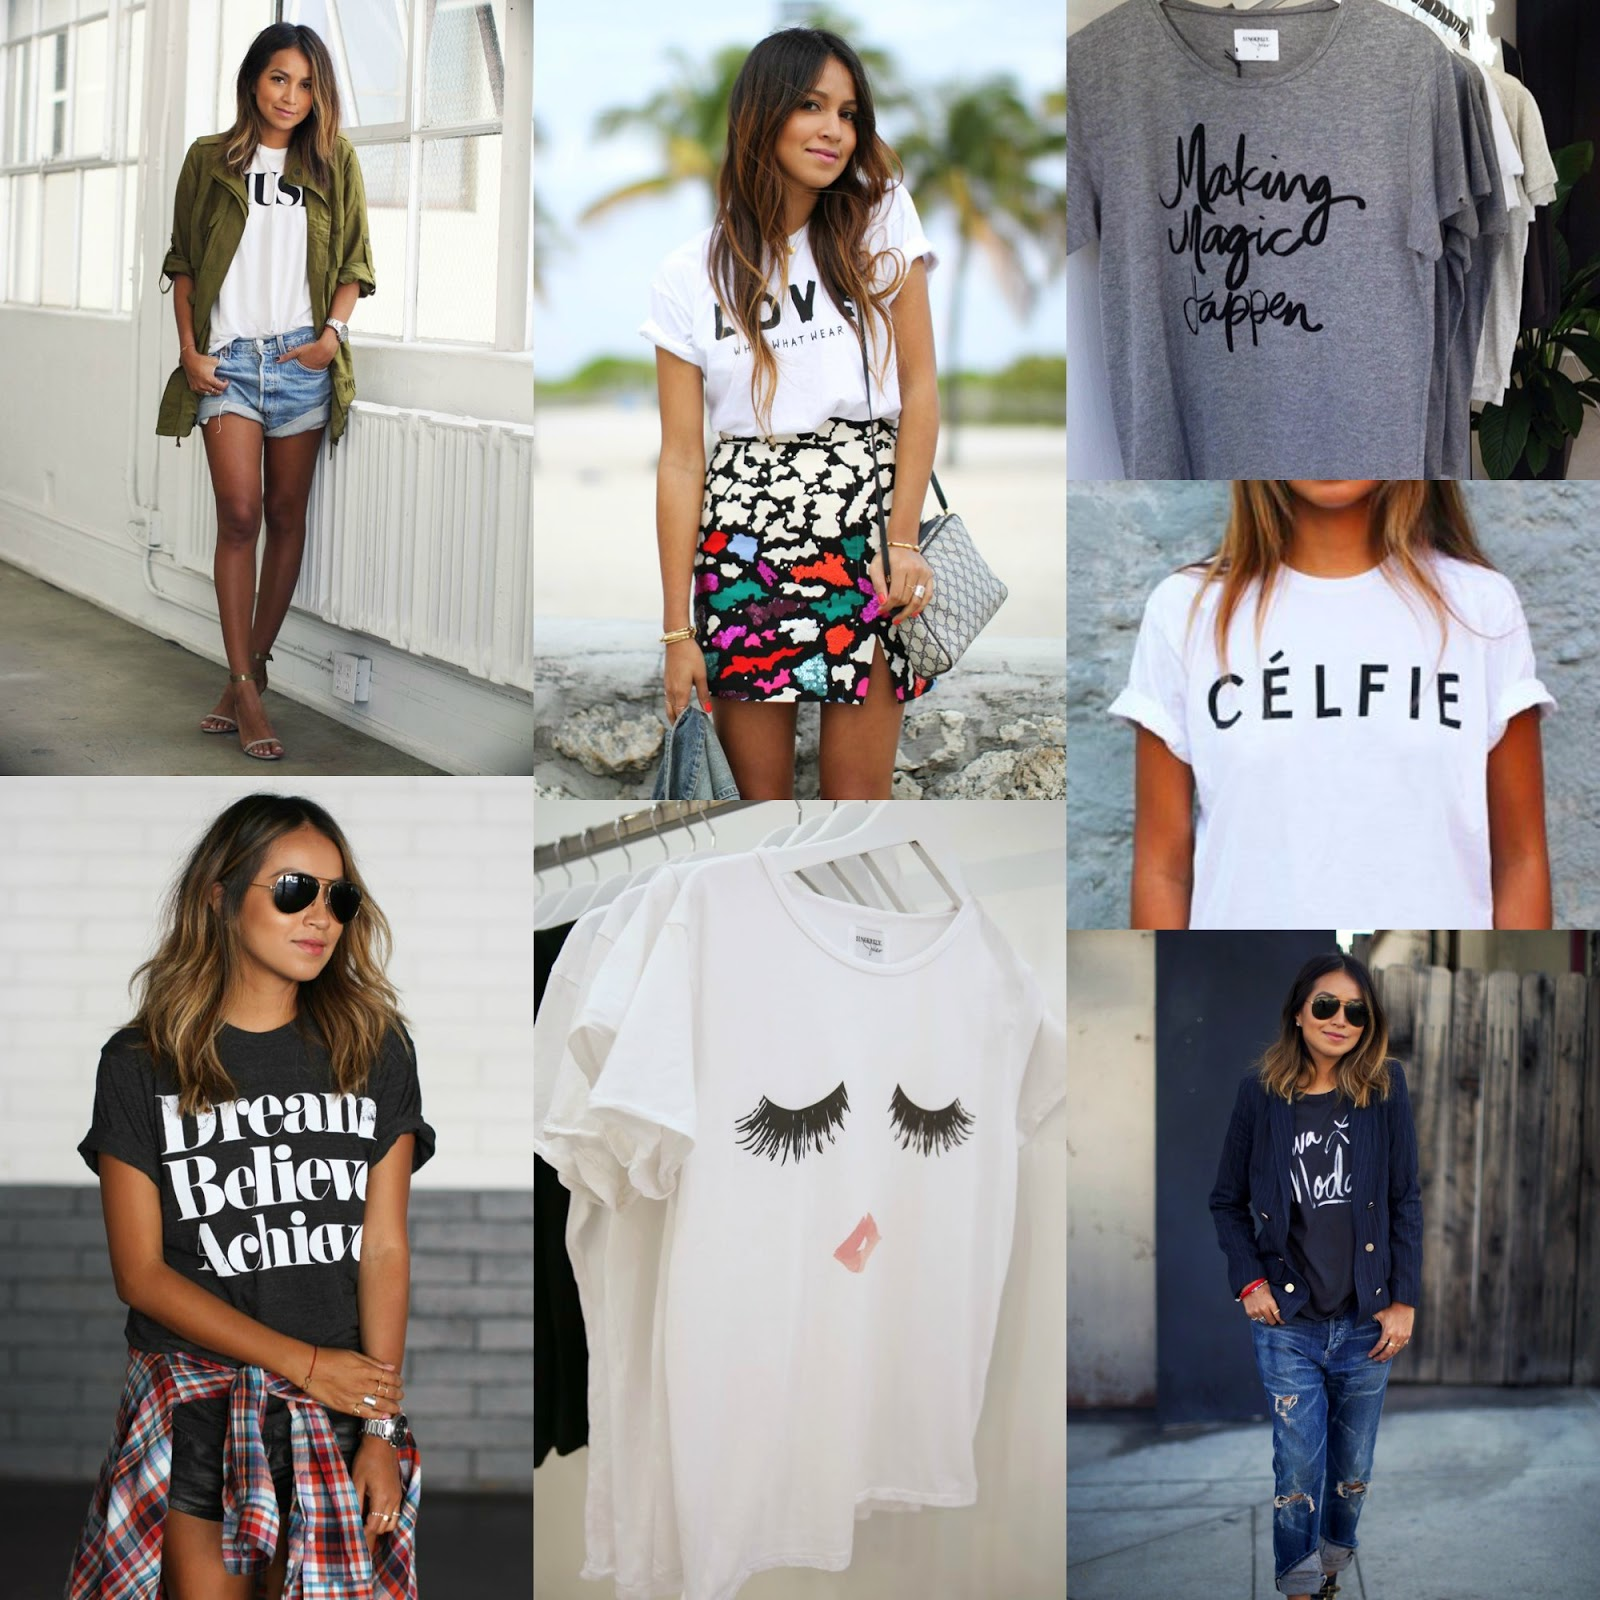 Camisetas con mensaje. Camisetas Sincerely Jules. Llegan a España las camisetas de Sincerely Jules. Llegan a España las camisetas de Jules. Camiseta Celfie